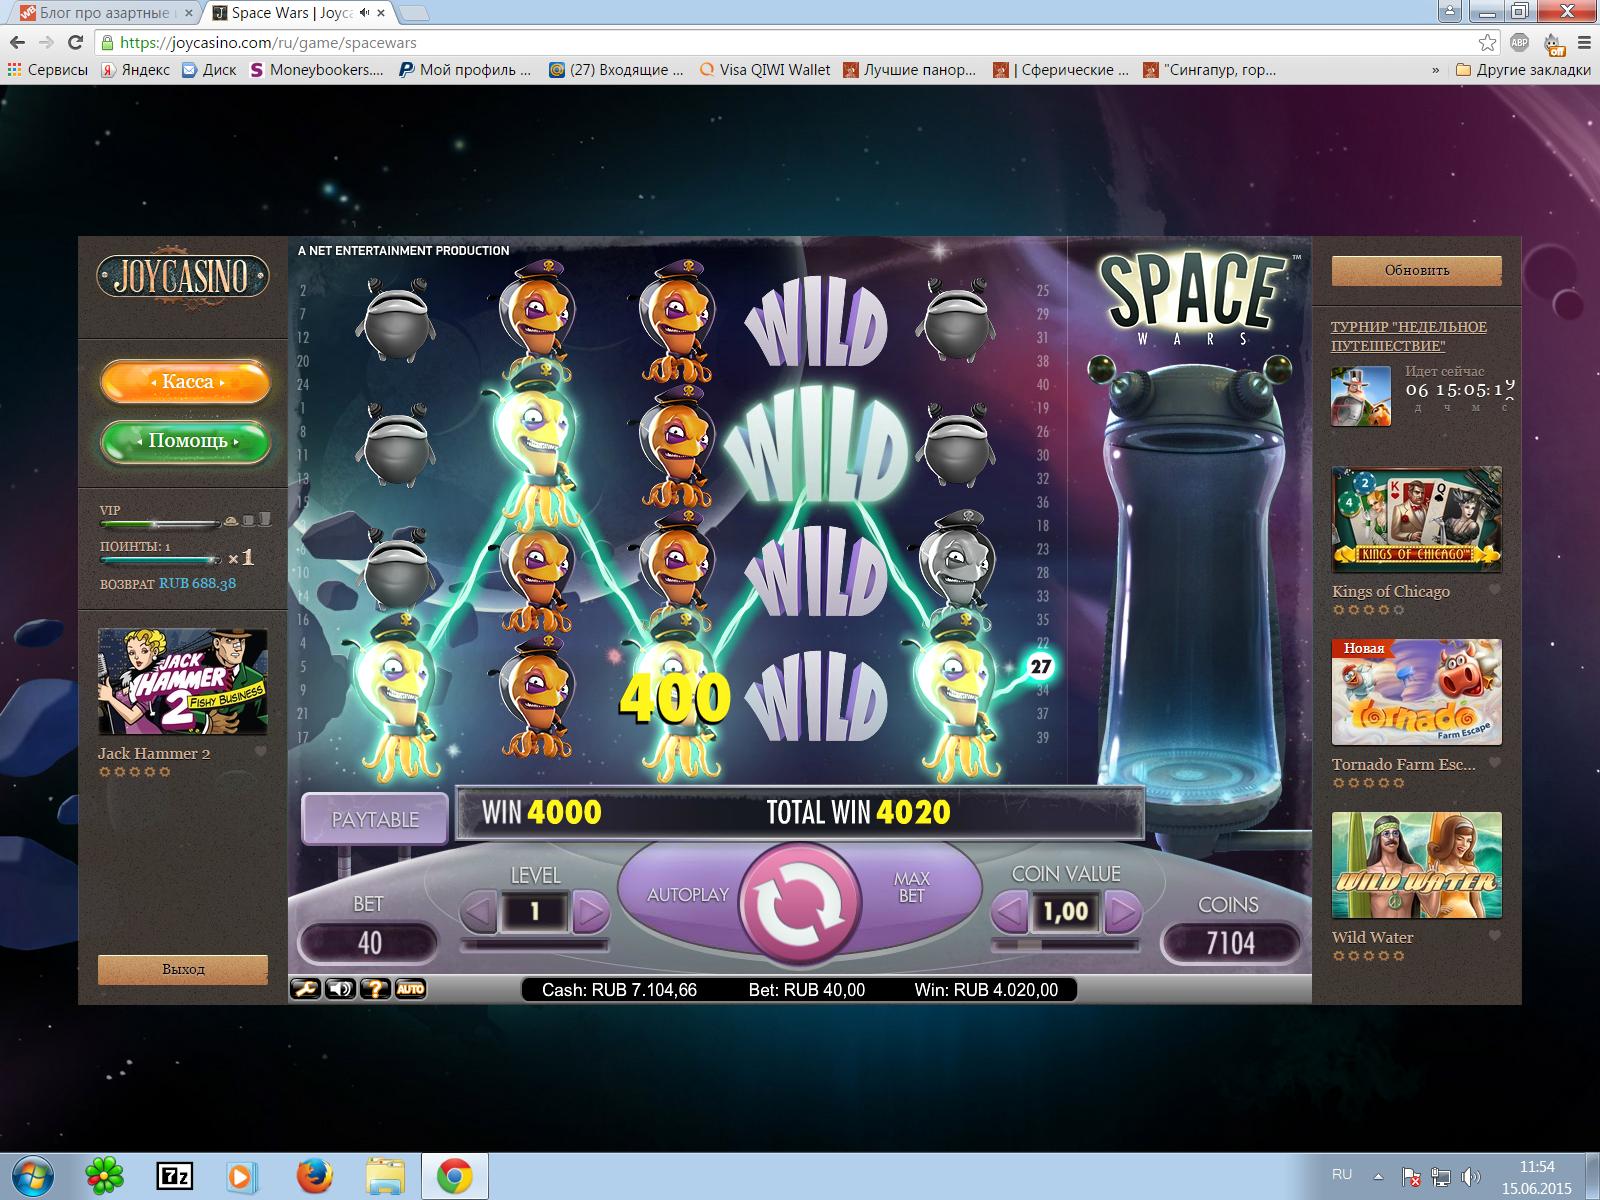 Бесплатные клипы на онлайн казино онлайн игры денди казино